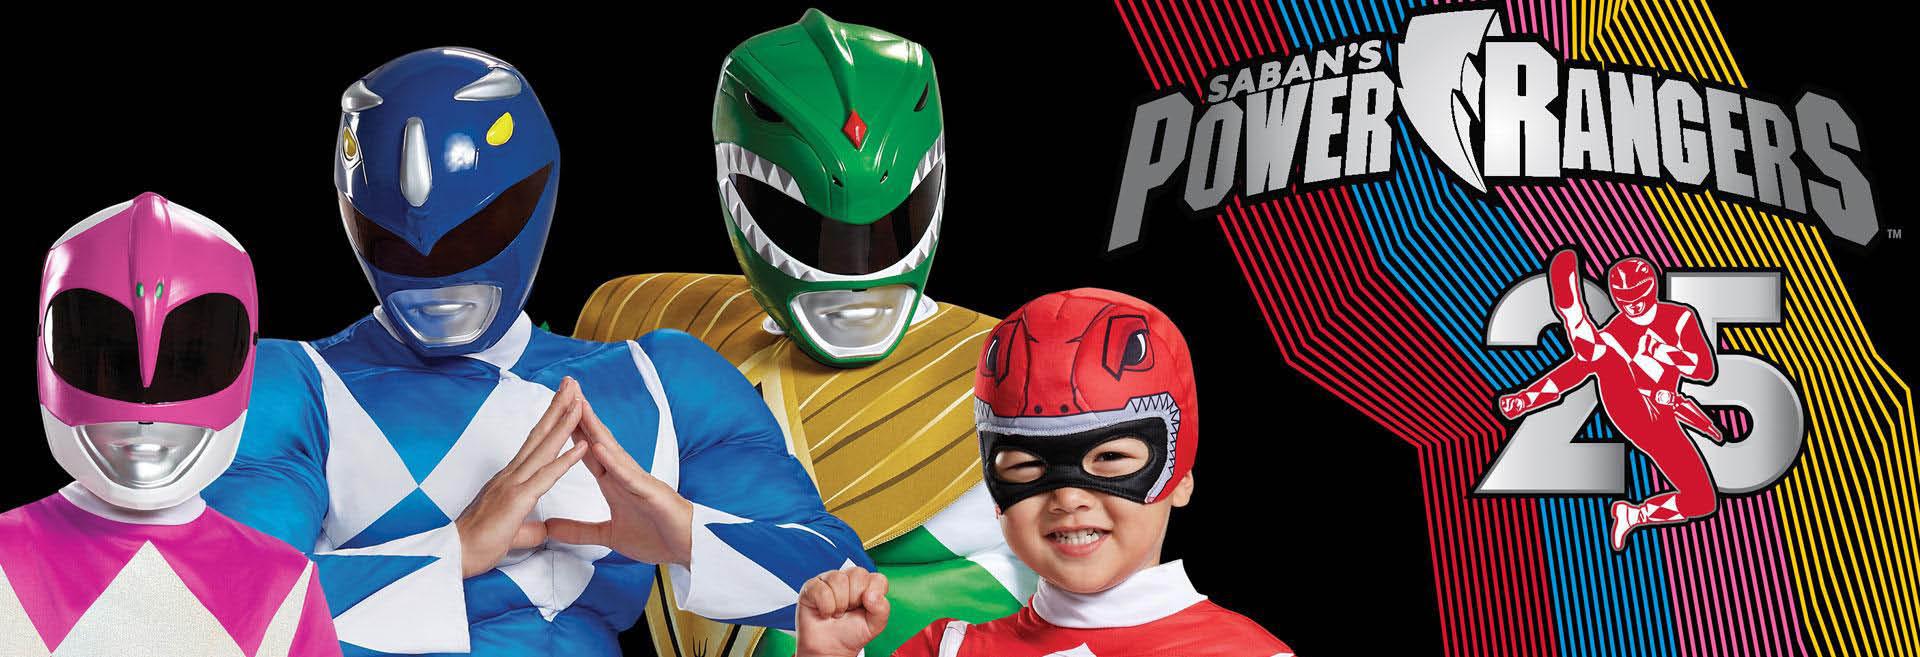 ezcostumes.com banner power rangers halloween costumes